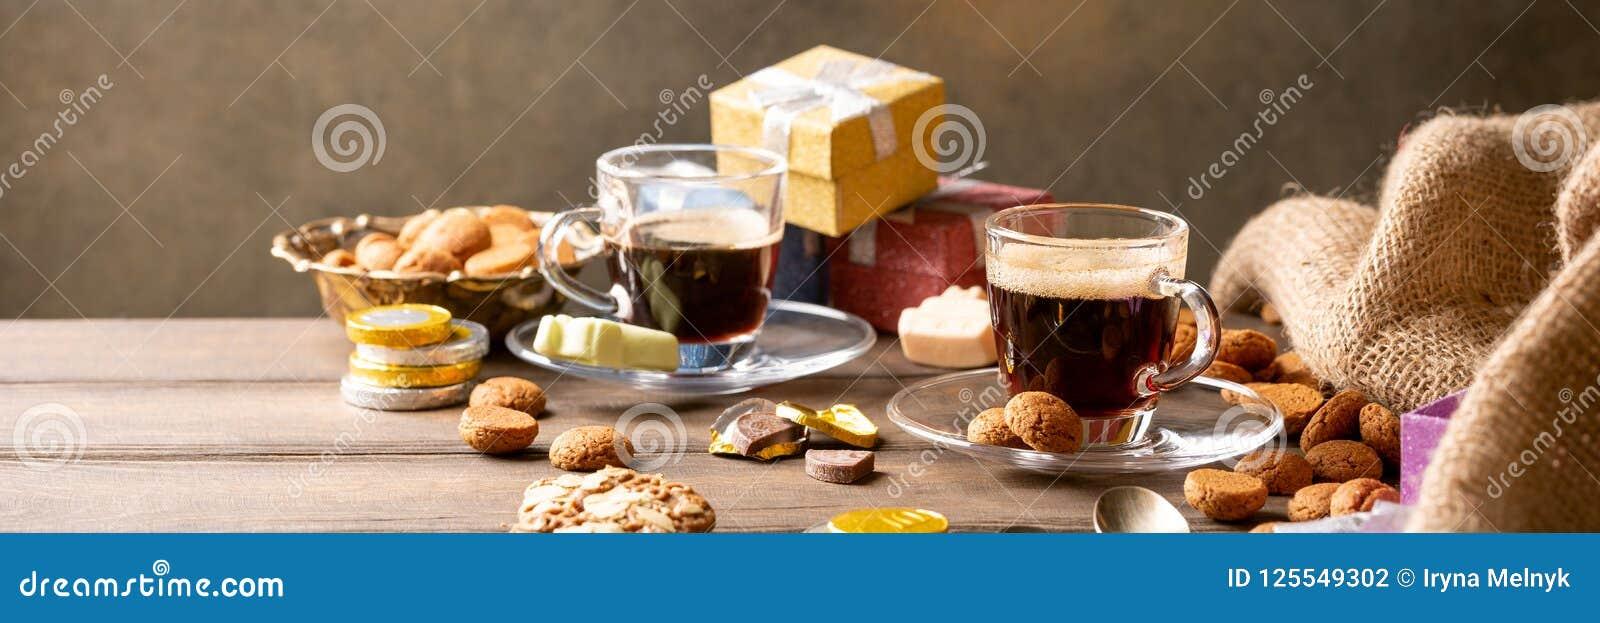 Holenderski wakacyjny Sinterklaas świąteczny śniadanie